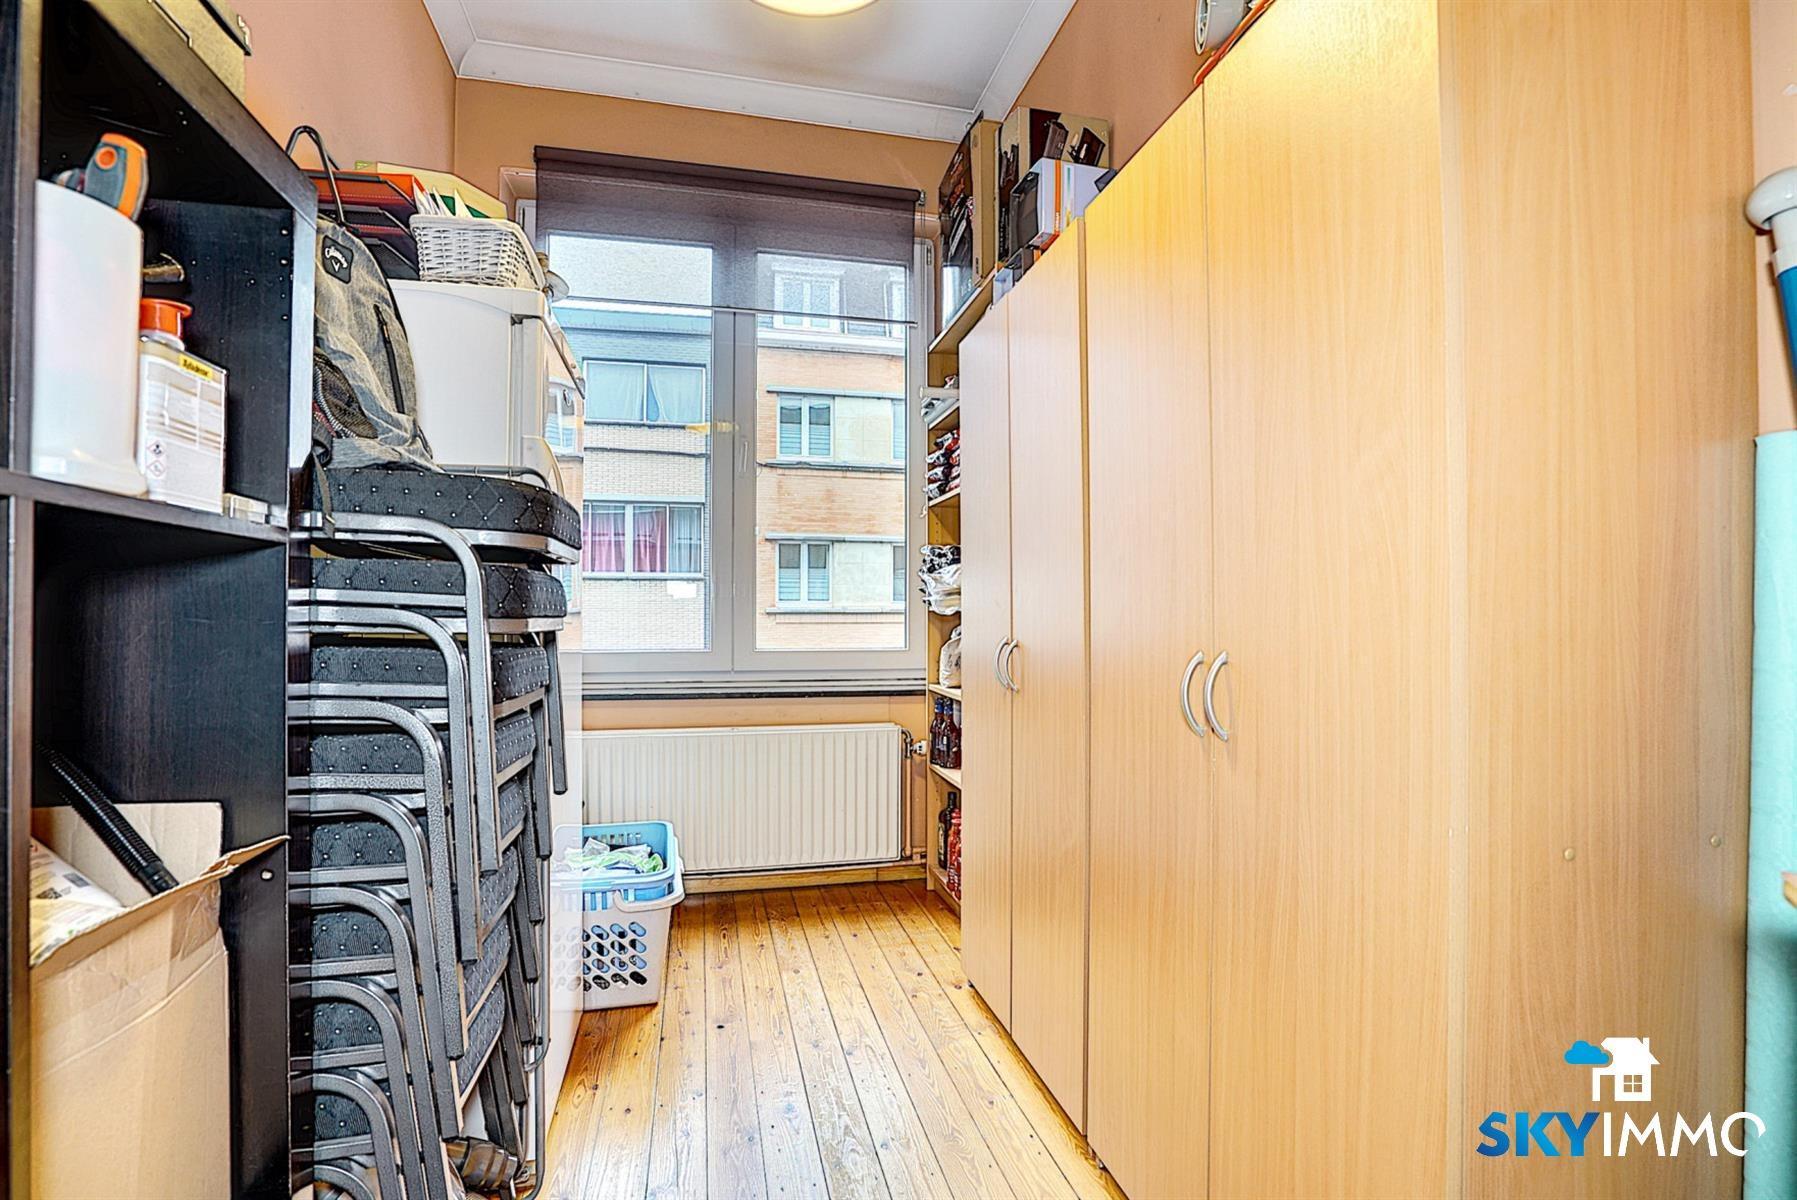 Maison - Liège - #4245744-36